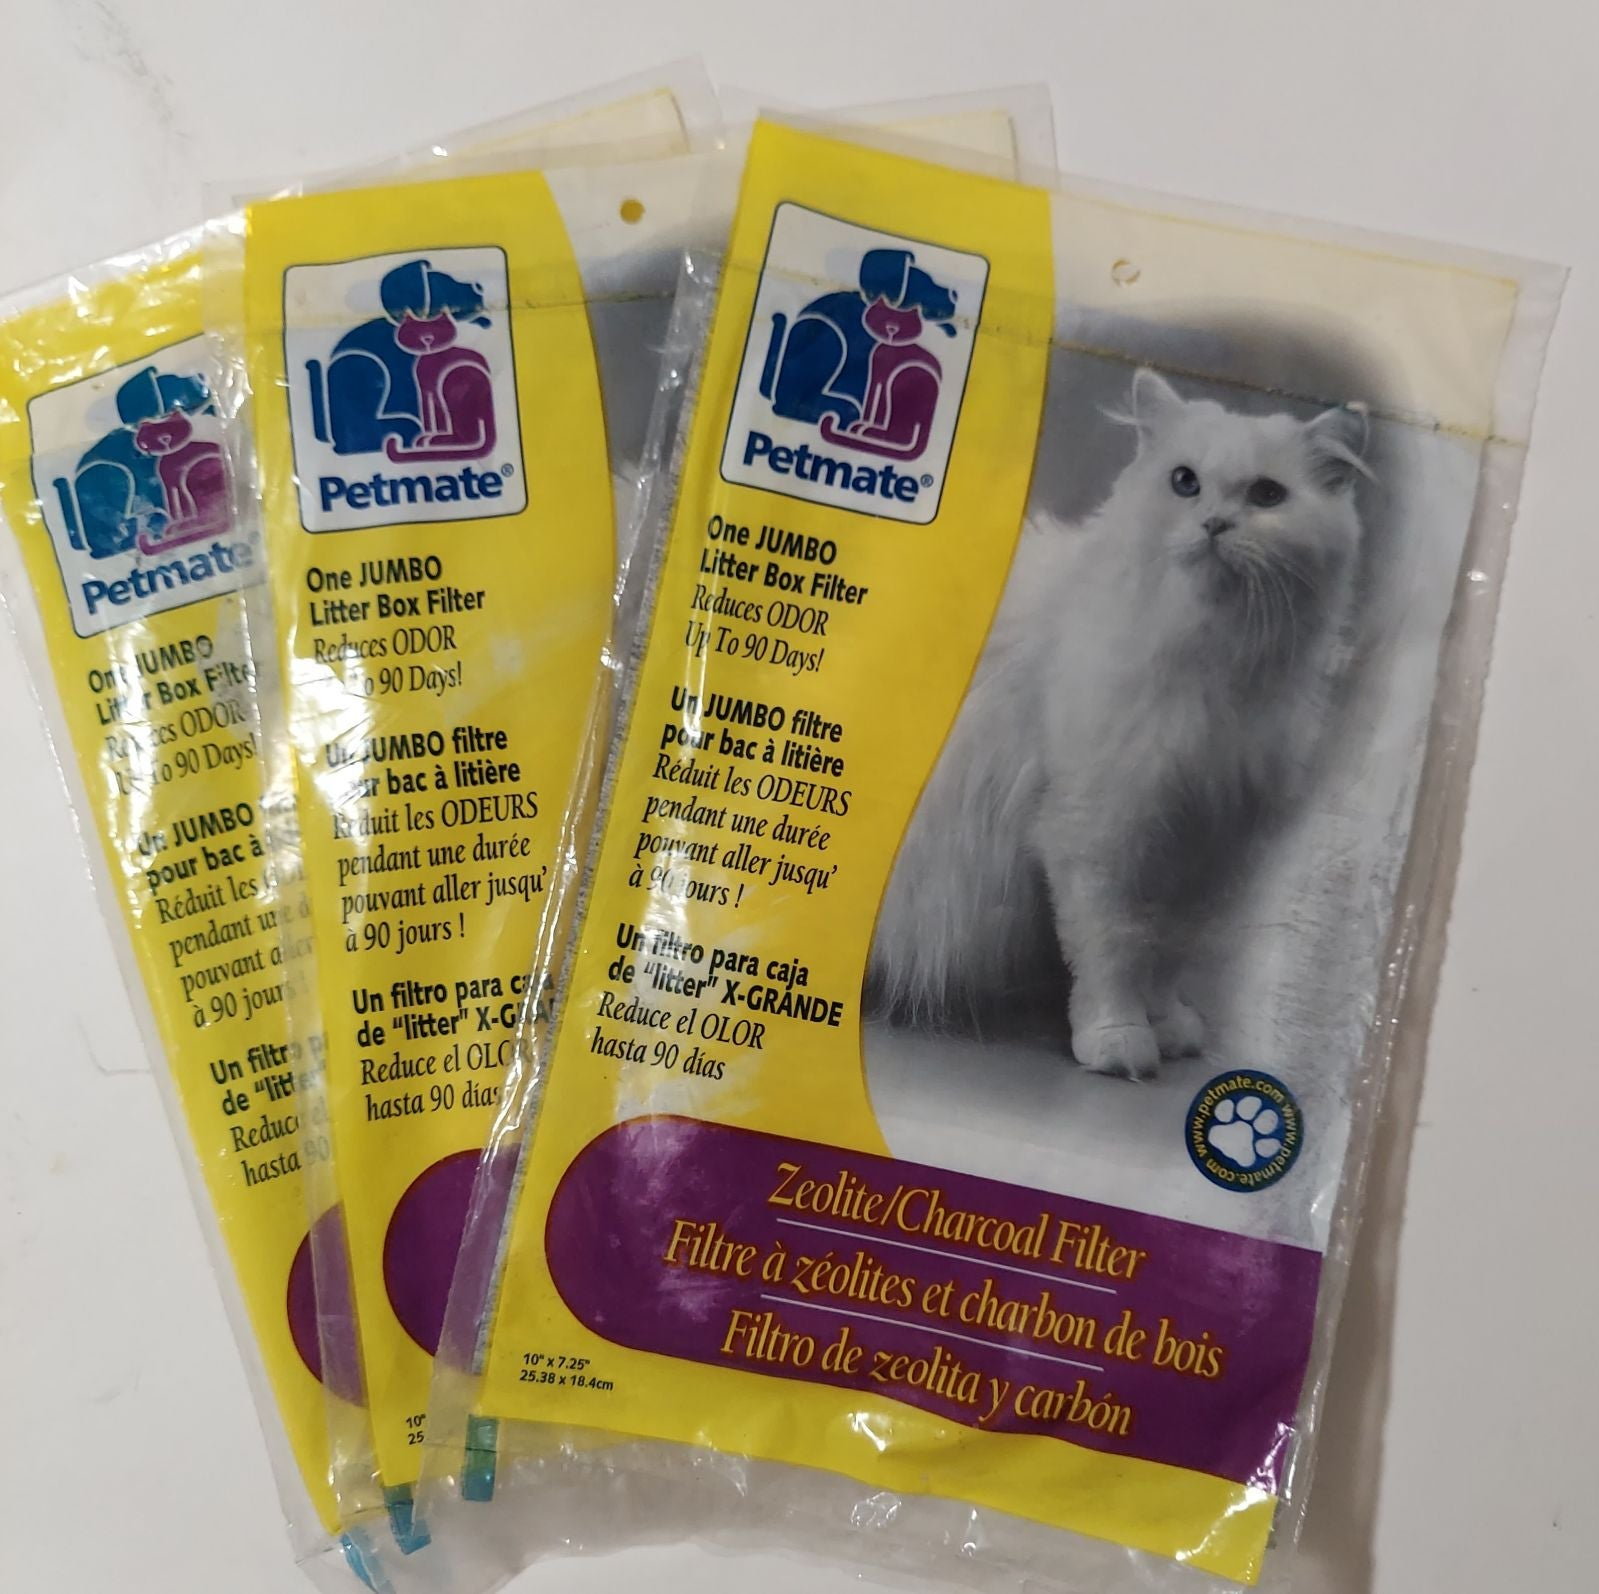 3 Petmate Jumbo Cat Litter Box Filters